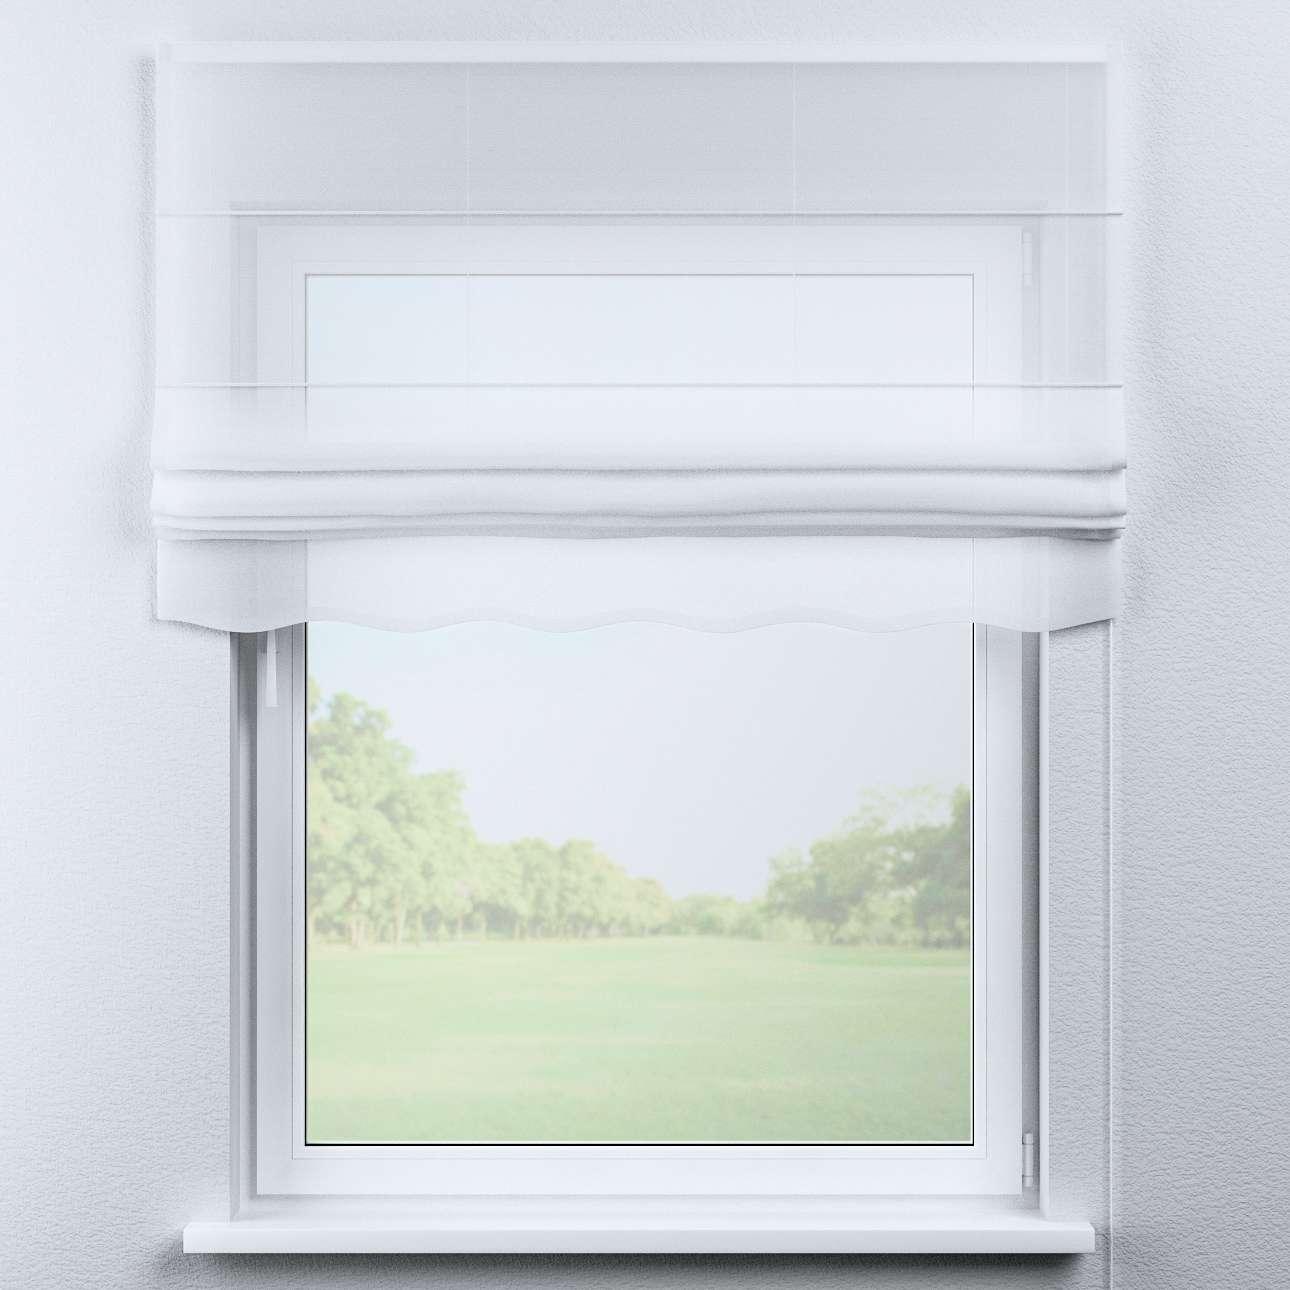 raffrollo napoli mit alu schiene weiss 100 x 180 cm. Black Bedroom Furniture Sets. Home Design Ideas